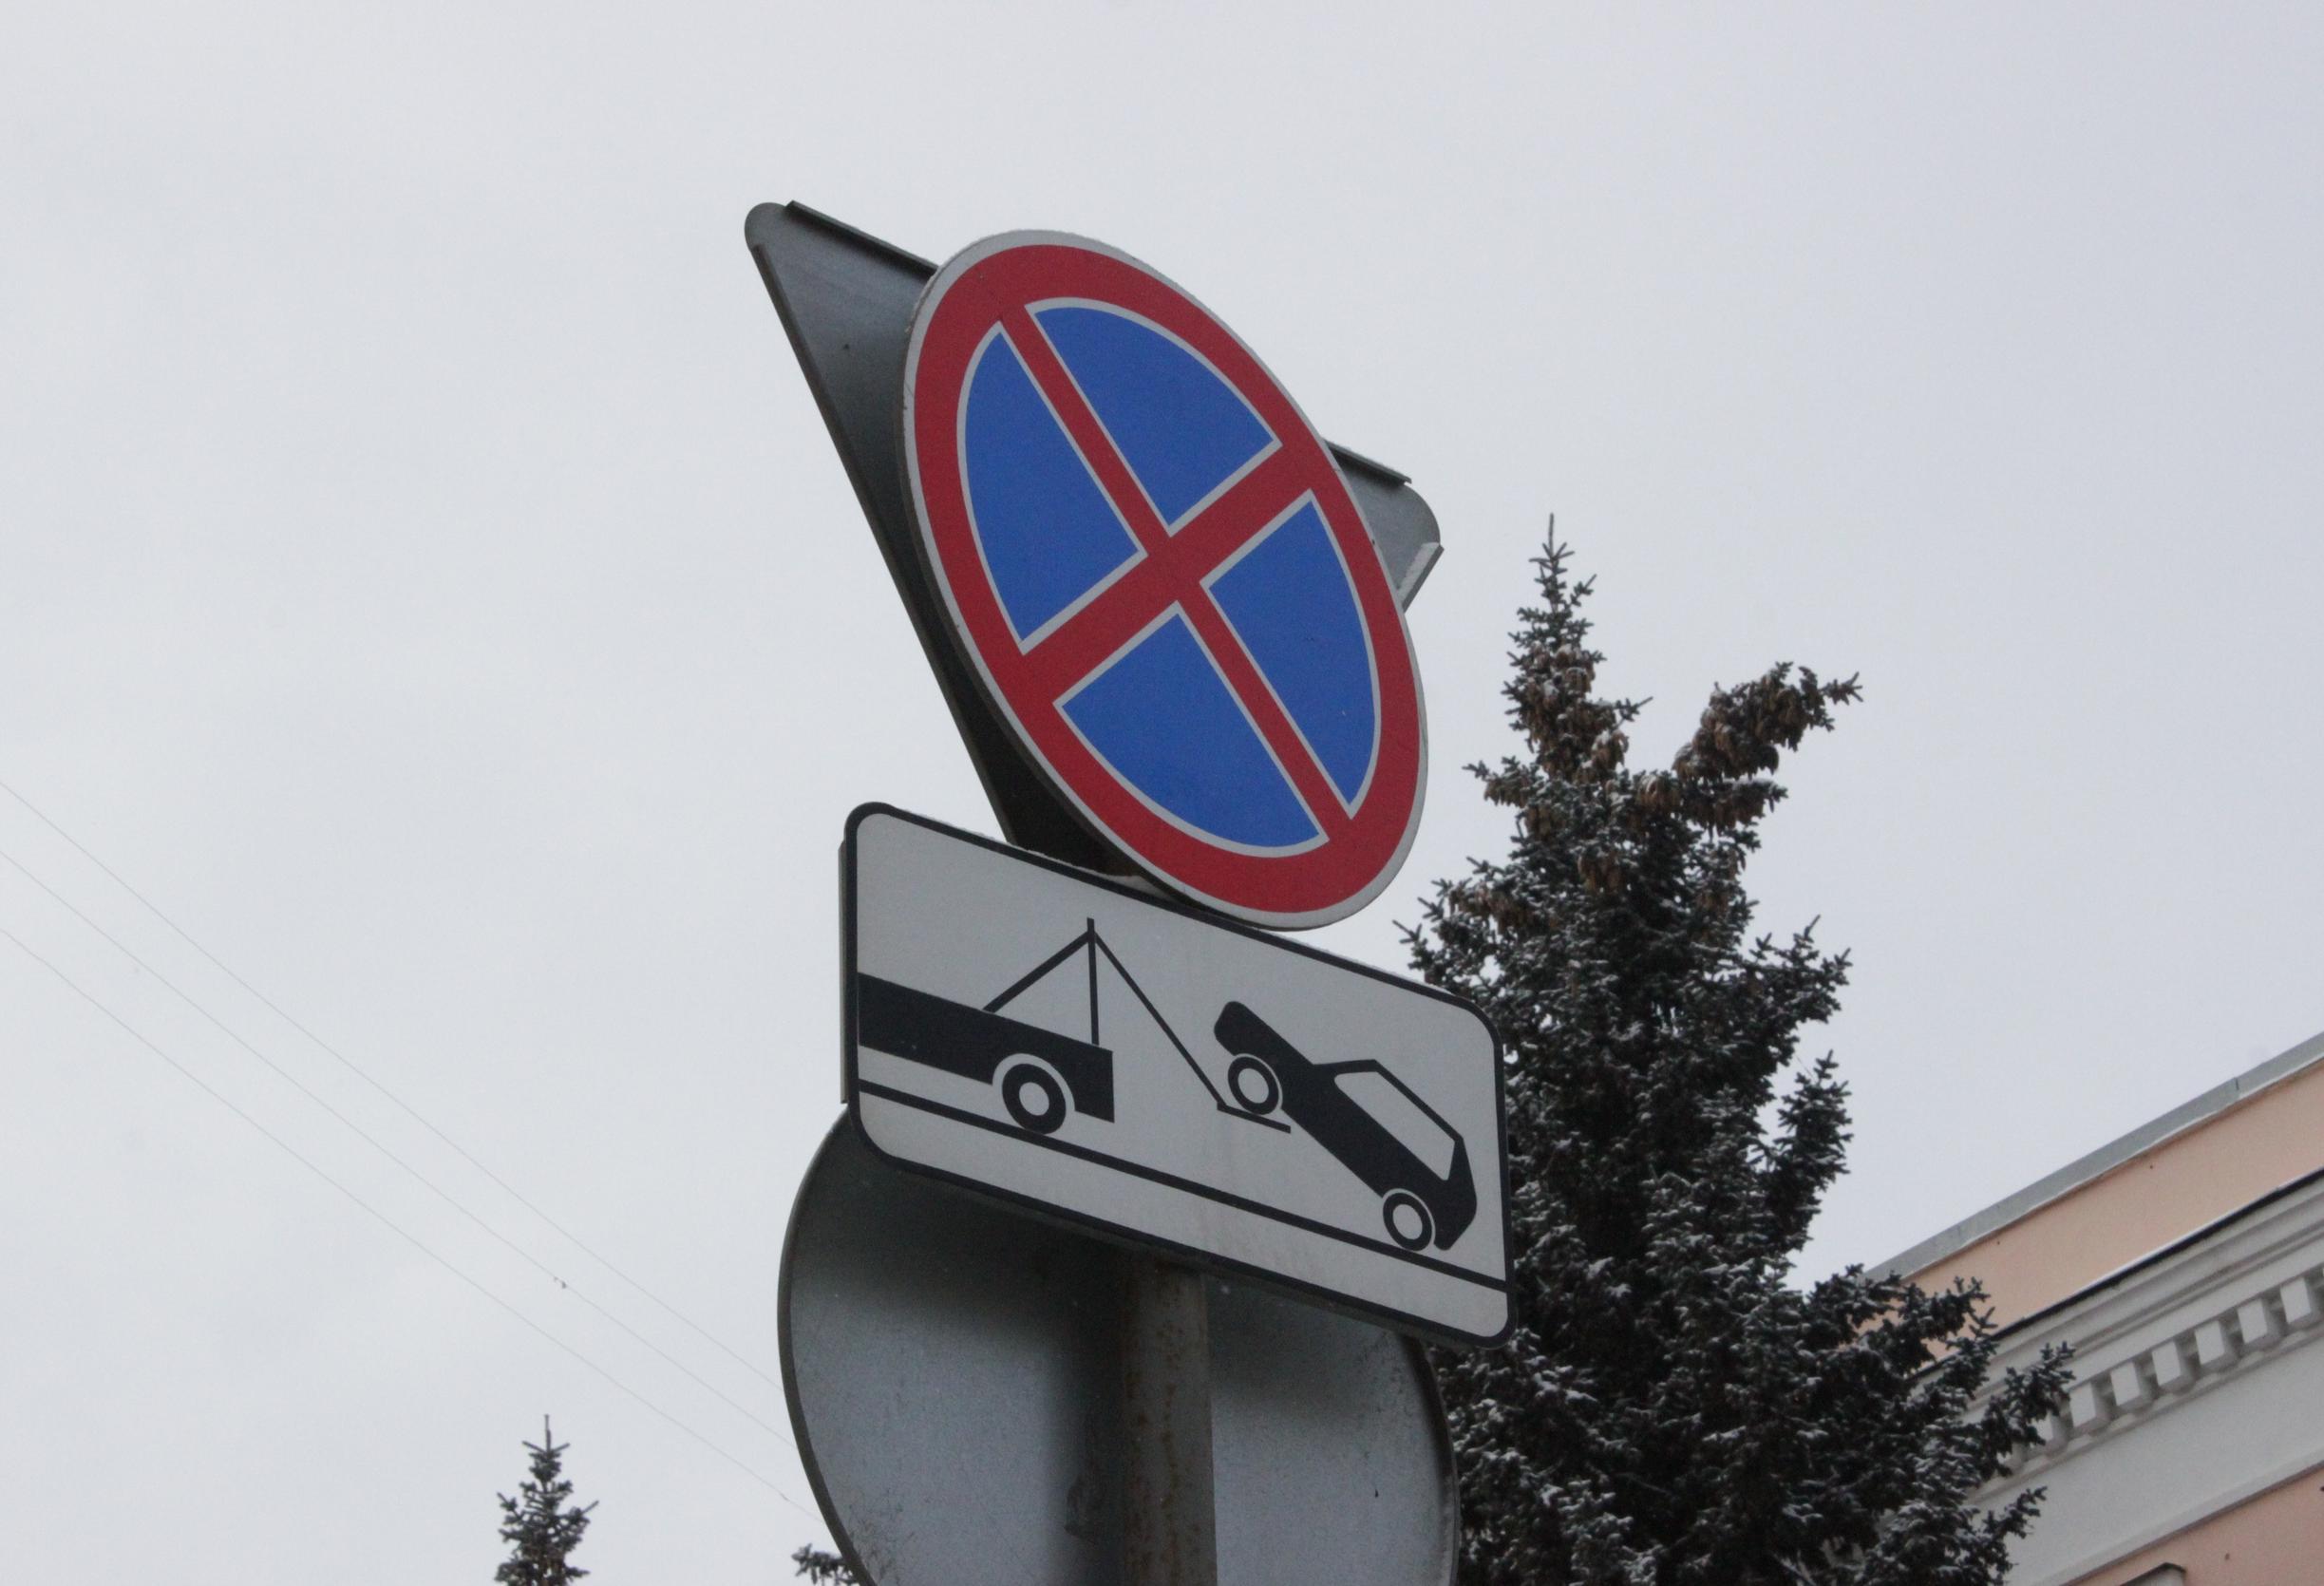 Запрет на парковку и проезд по участку улицы Рыбацкой в Твери продлили до конца марта - новости Афанасий